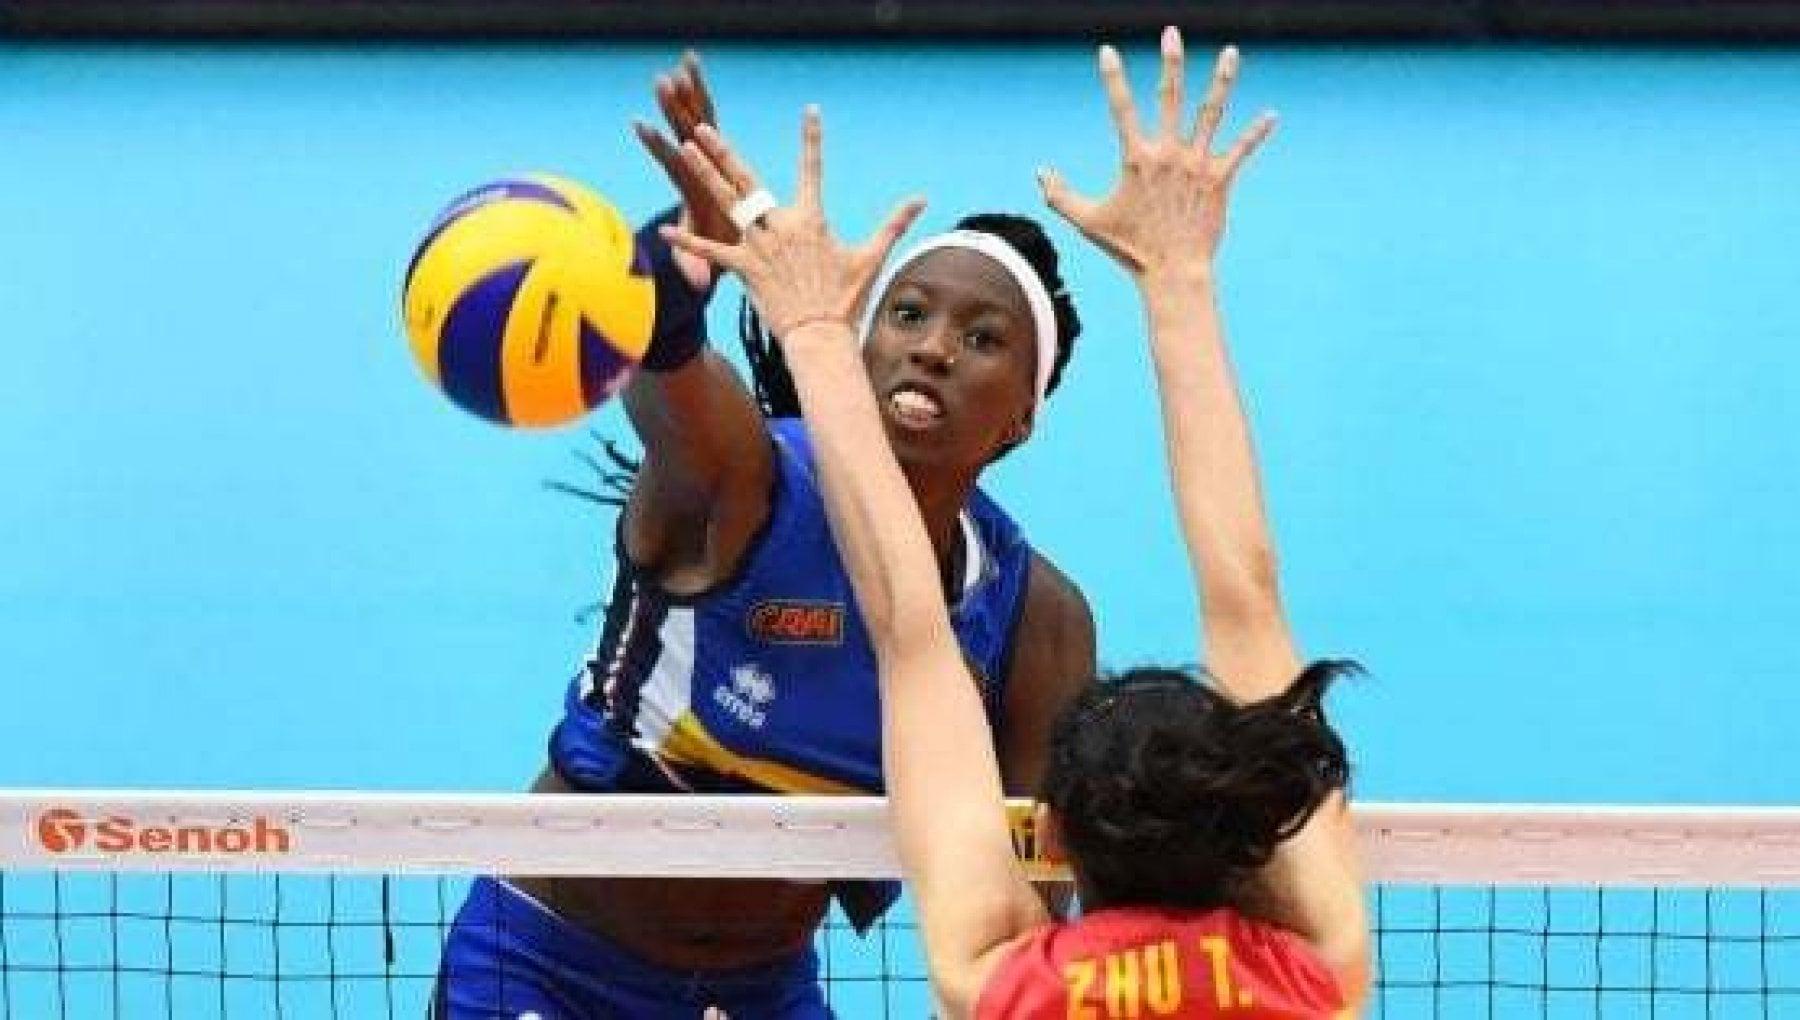 Volley Paola Egonu a un passo dal Fenerbahce in Turchia diventera la giocatrice piu pagata al mondo